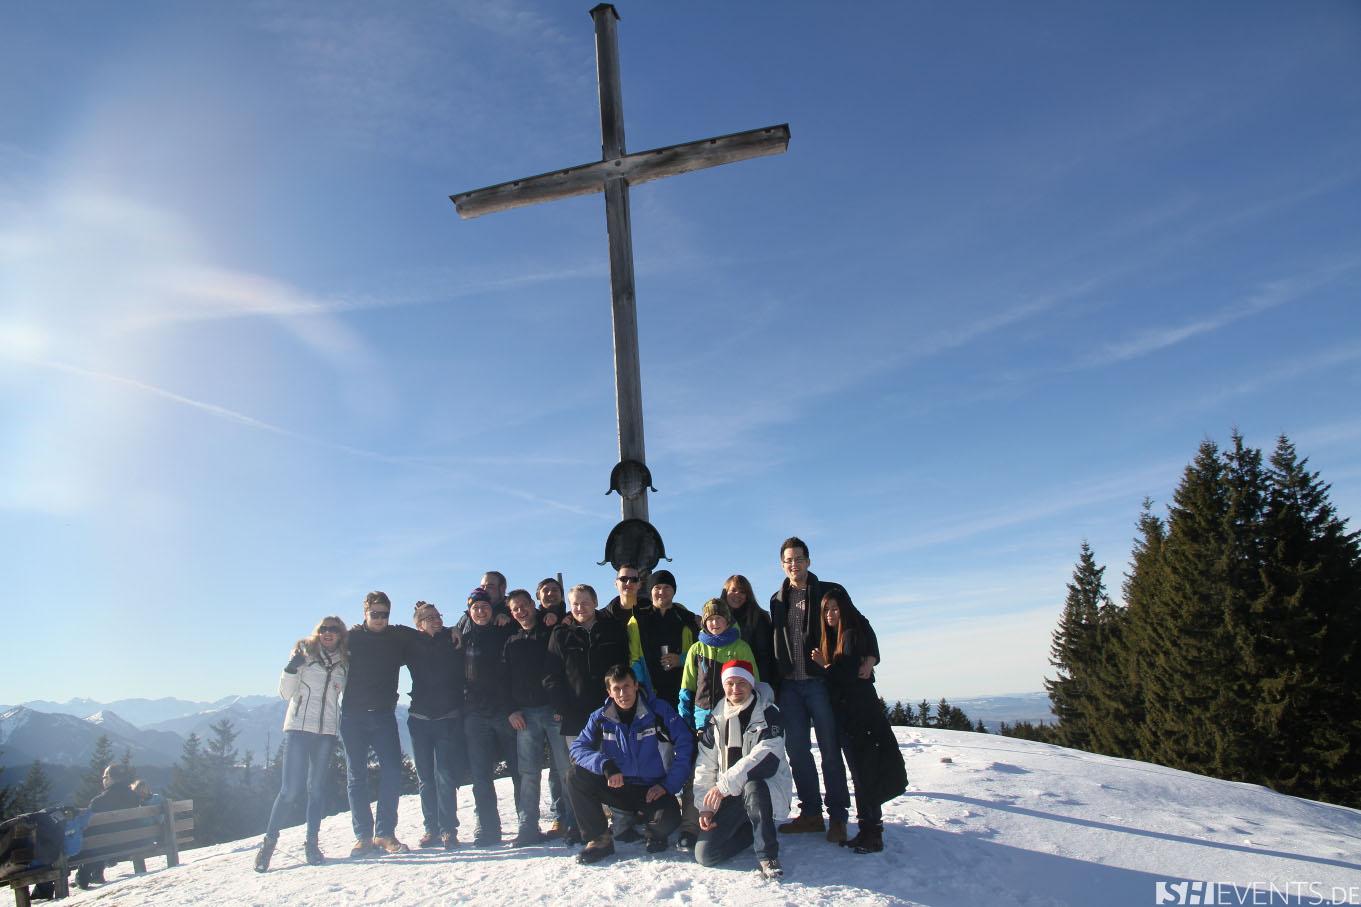 Gäste vor Gipfelkreuz im Schnee